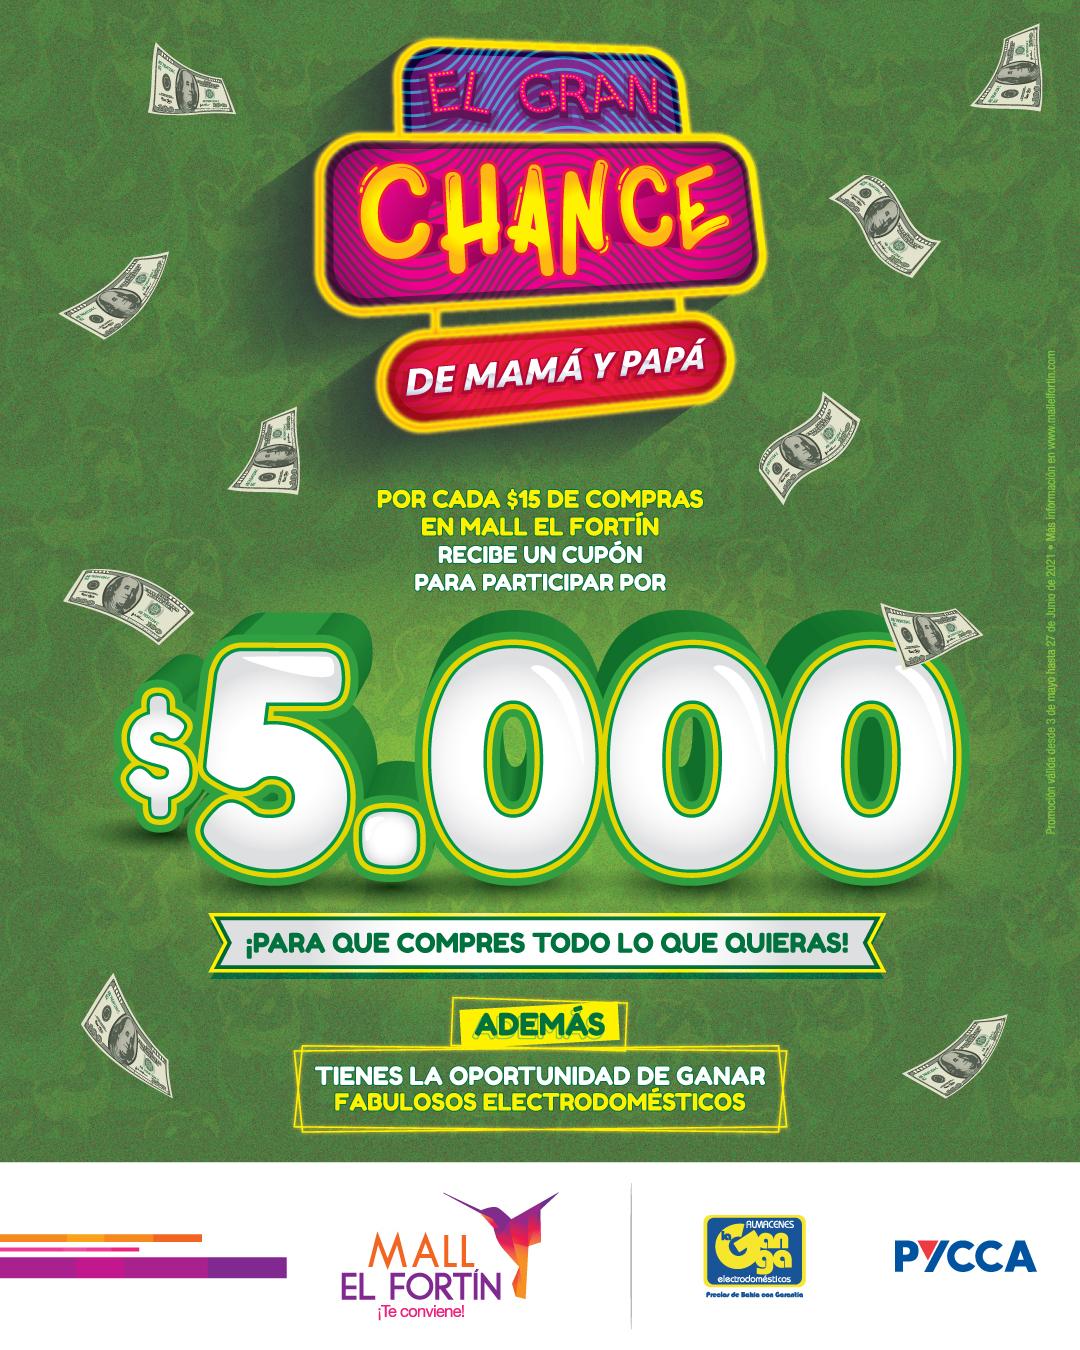 EL GRAN CHANCE DE MAMÁ Y PAPÁ DESDE 03/05/2021 HASTA 27/06/2021